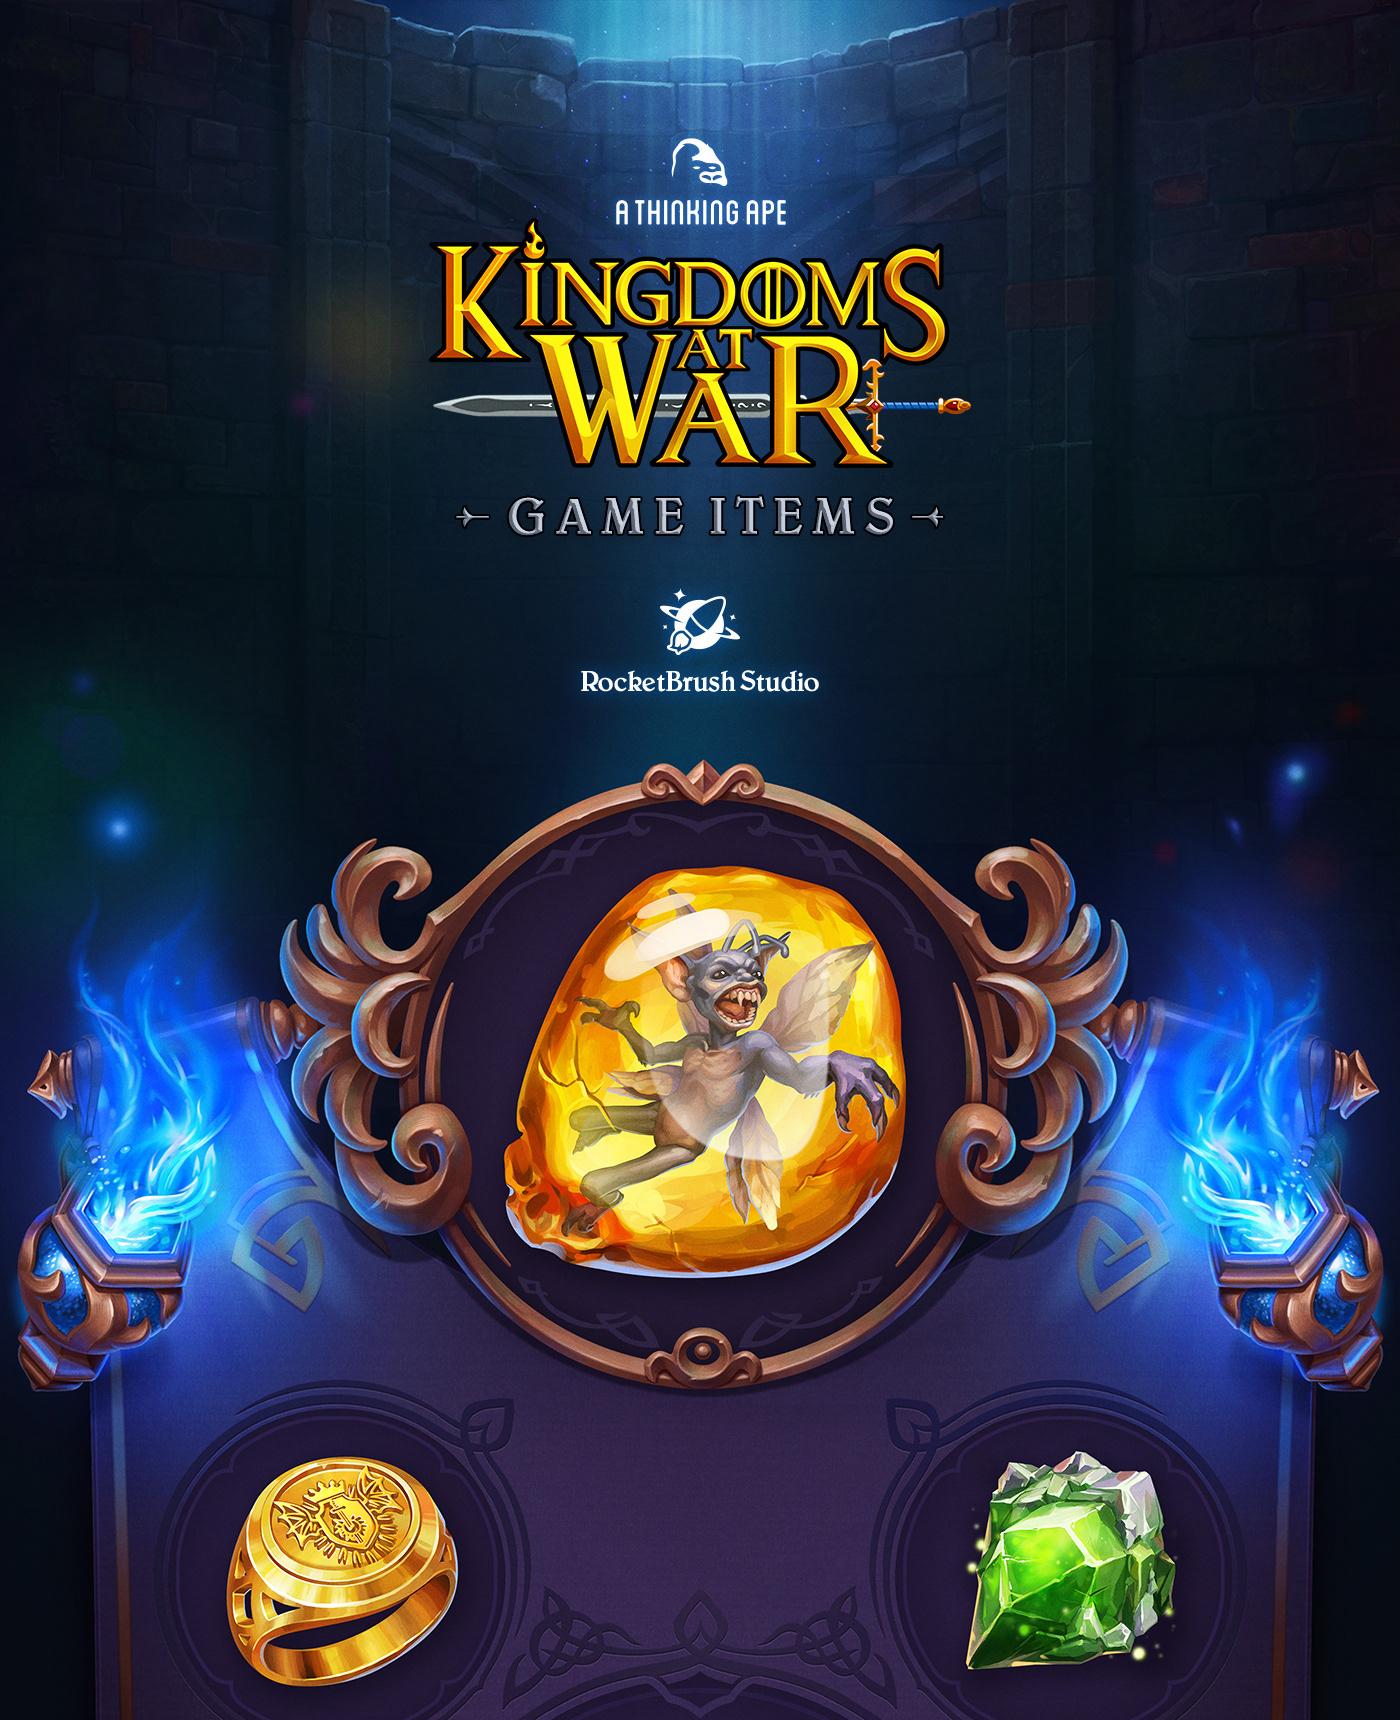 《战争中的王国》游戏物品UI设计